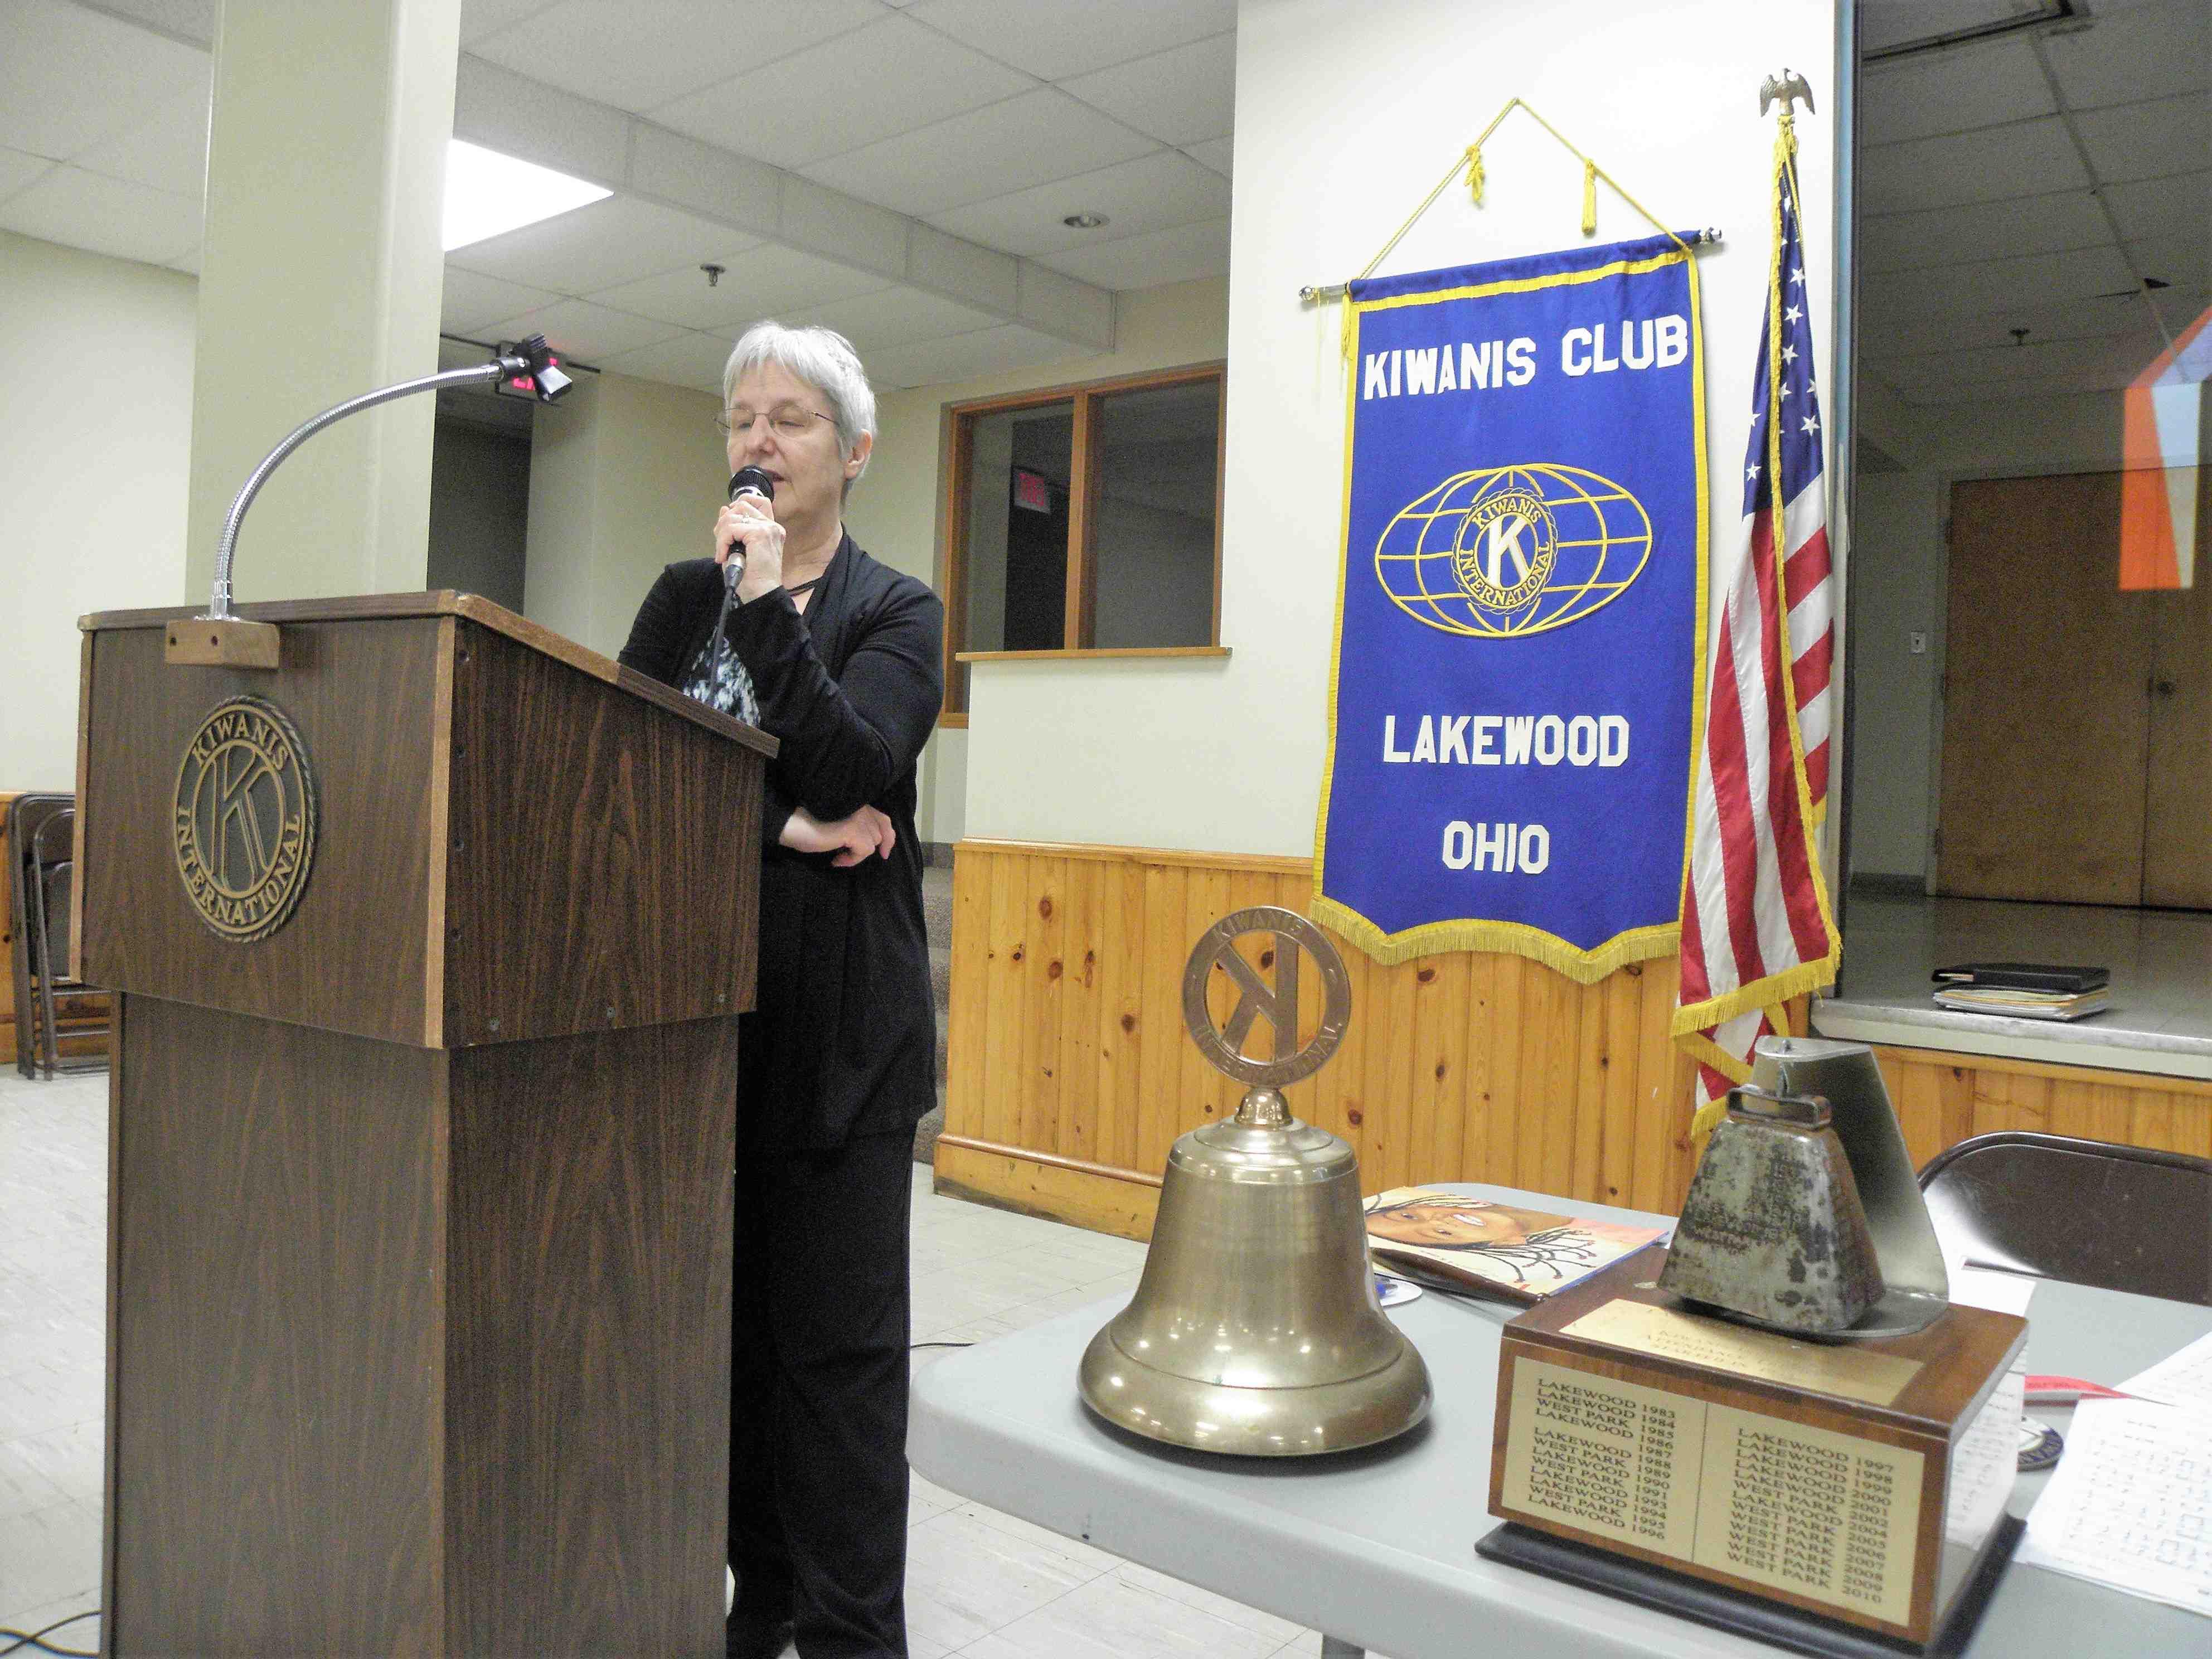 Diana Cyganovich at Kiwanis Club of Lakewood, 2/27/18